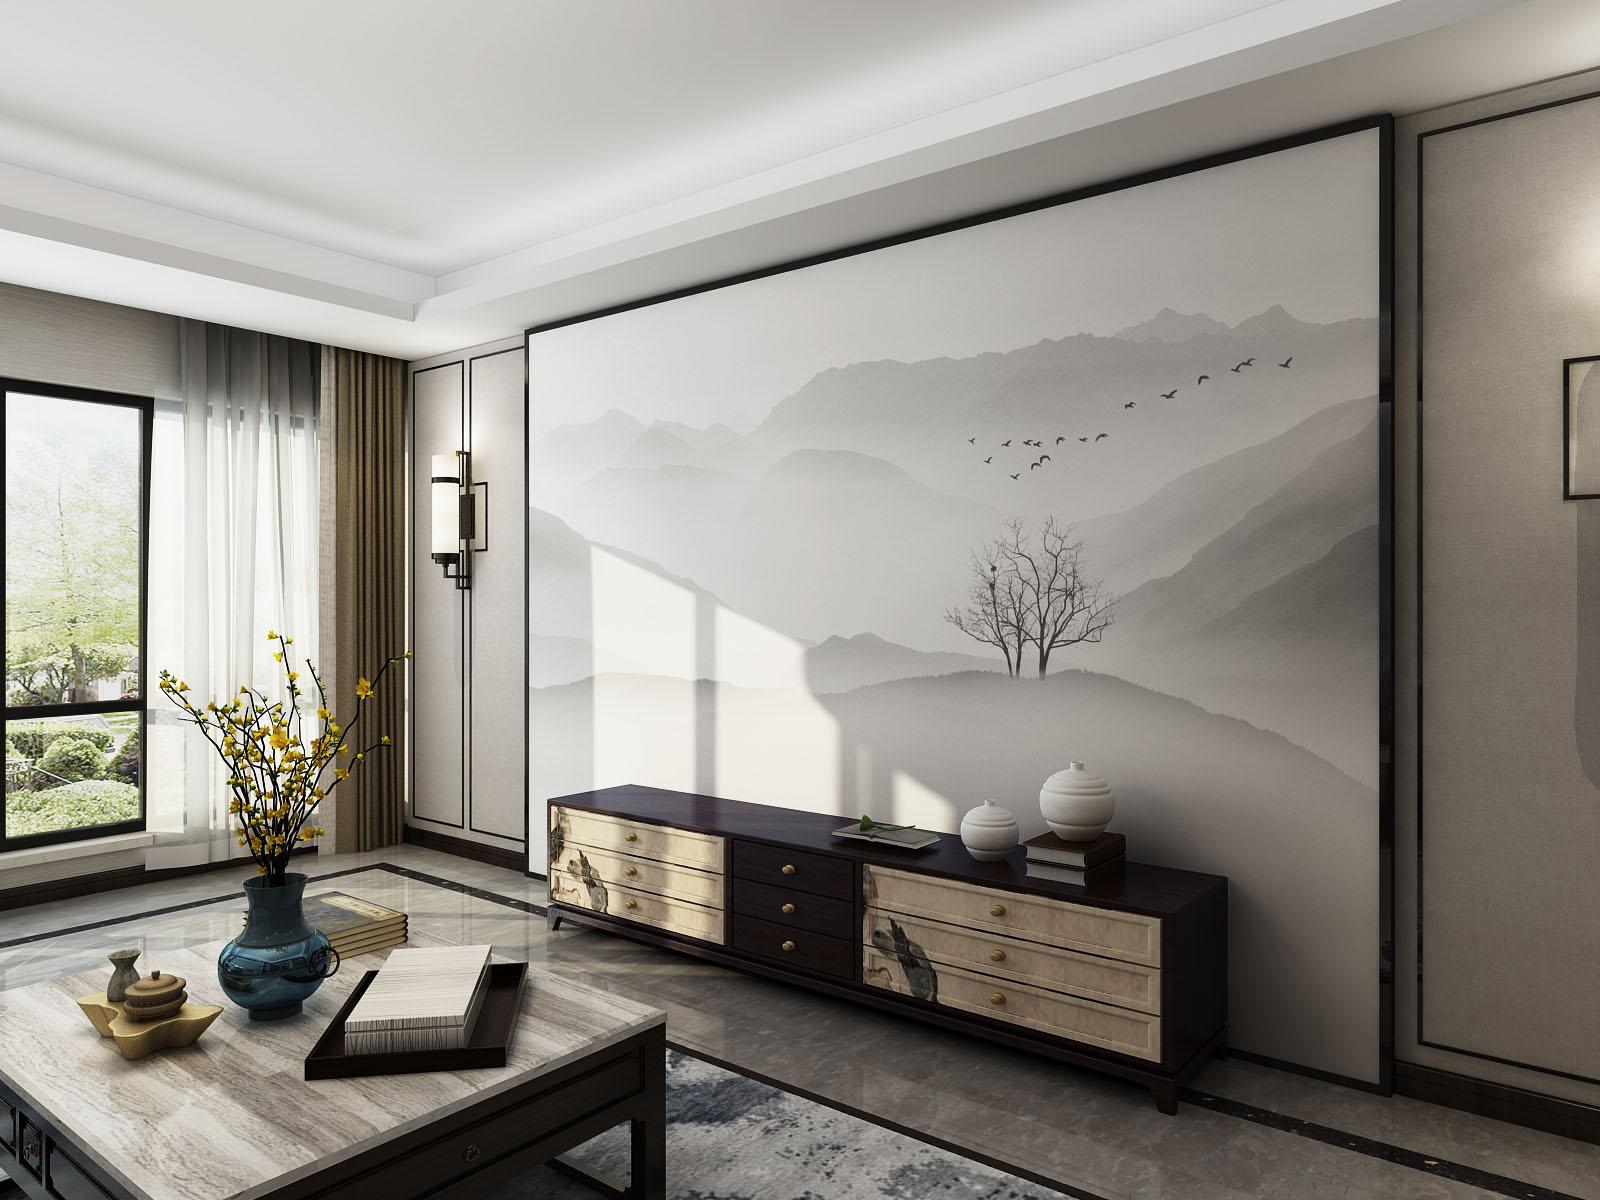 云淡远山近树水墨新中式电视背景墙